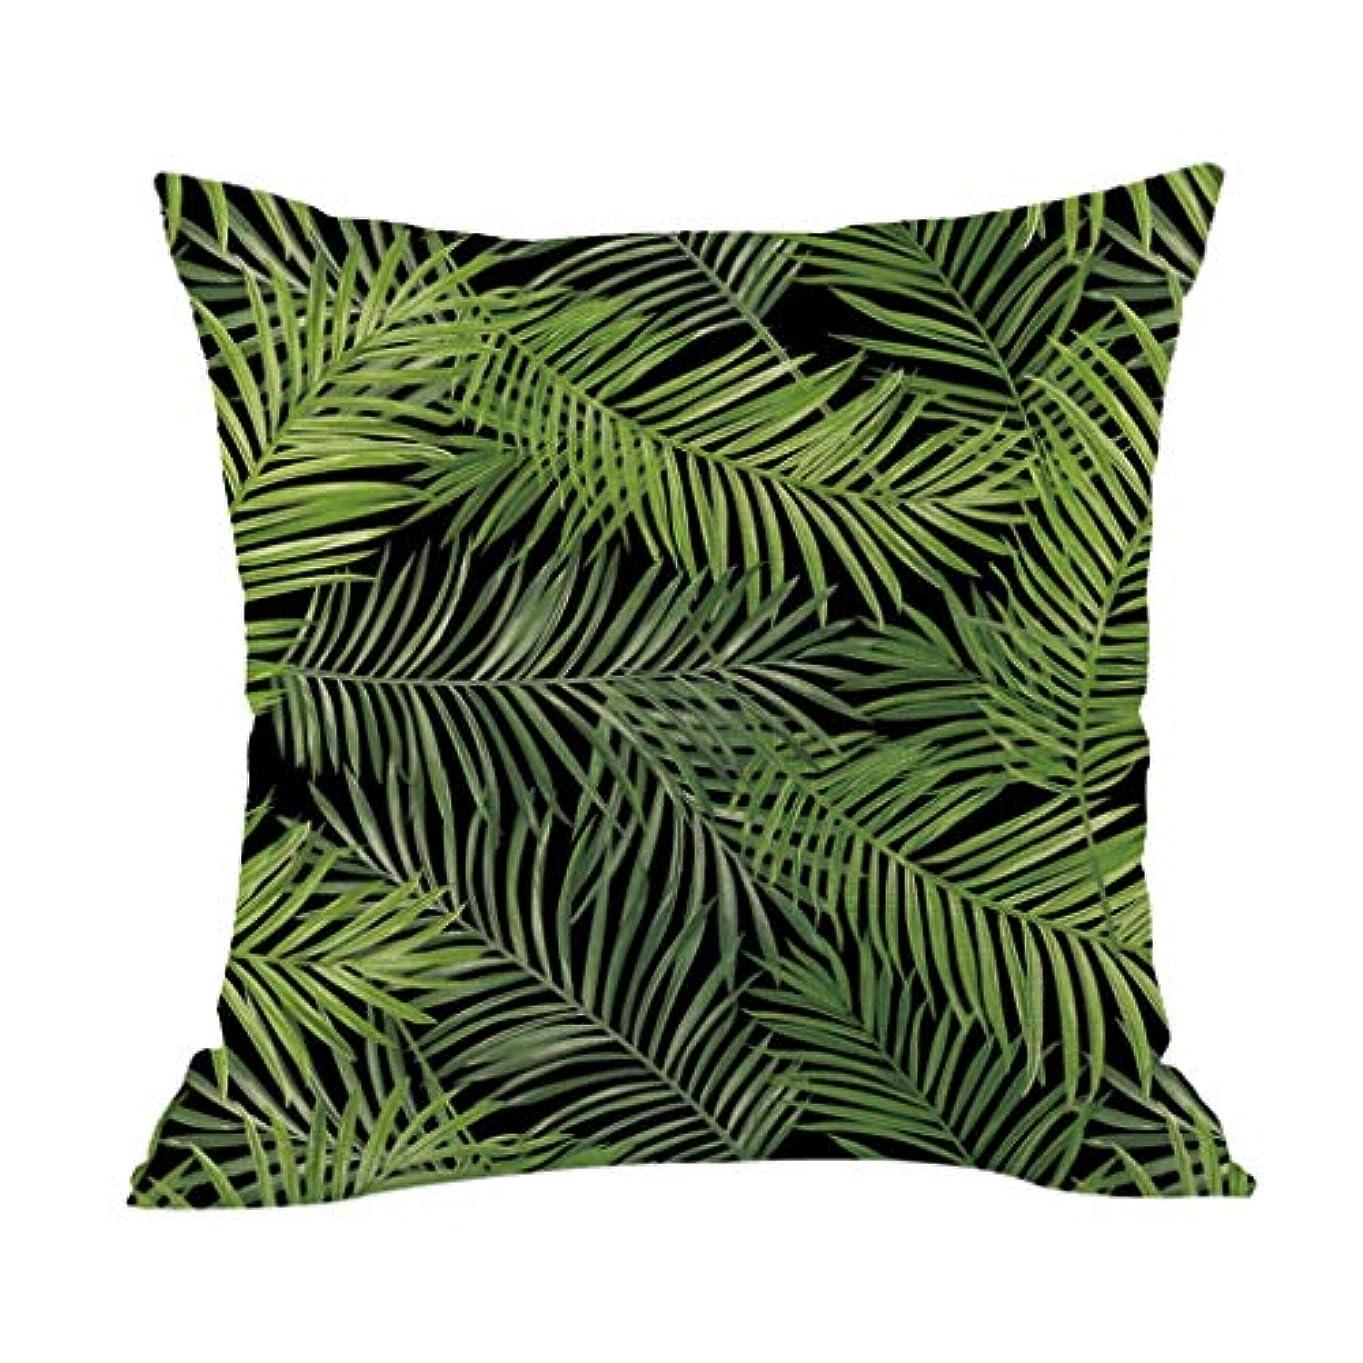 すり回る選ぶLIFE 高品質クッション熱帯植物ポリエステル枕ソファ投げるパッドセットホーム人格クッション coussin decoratif クッション 椅子